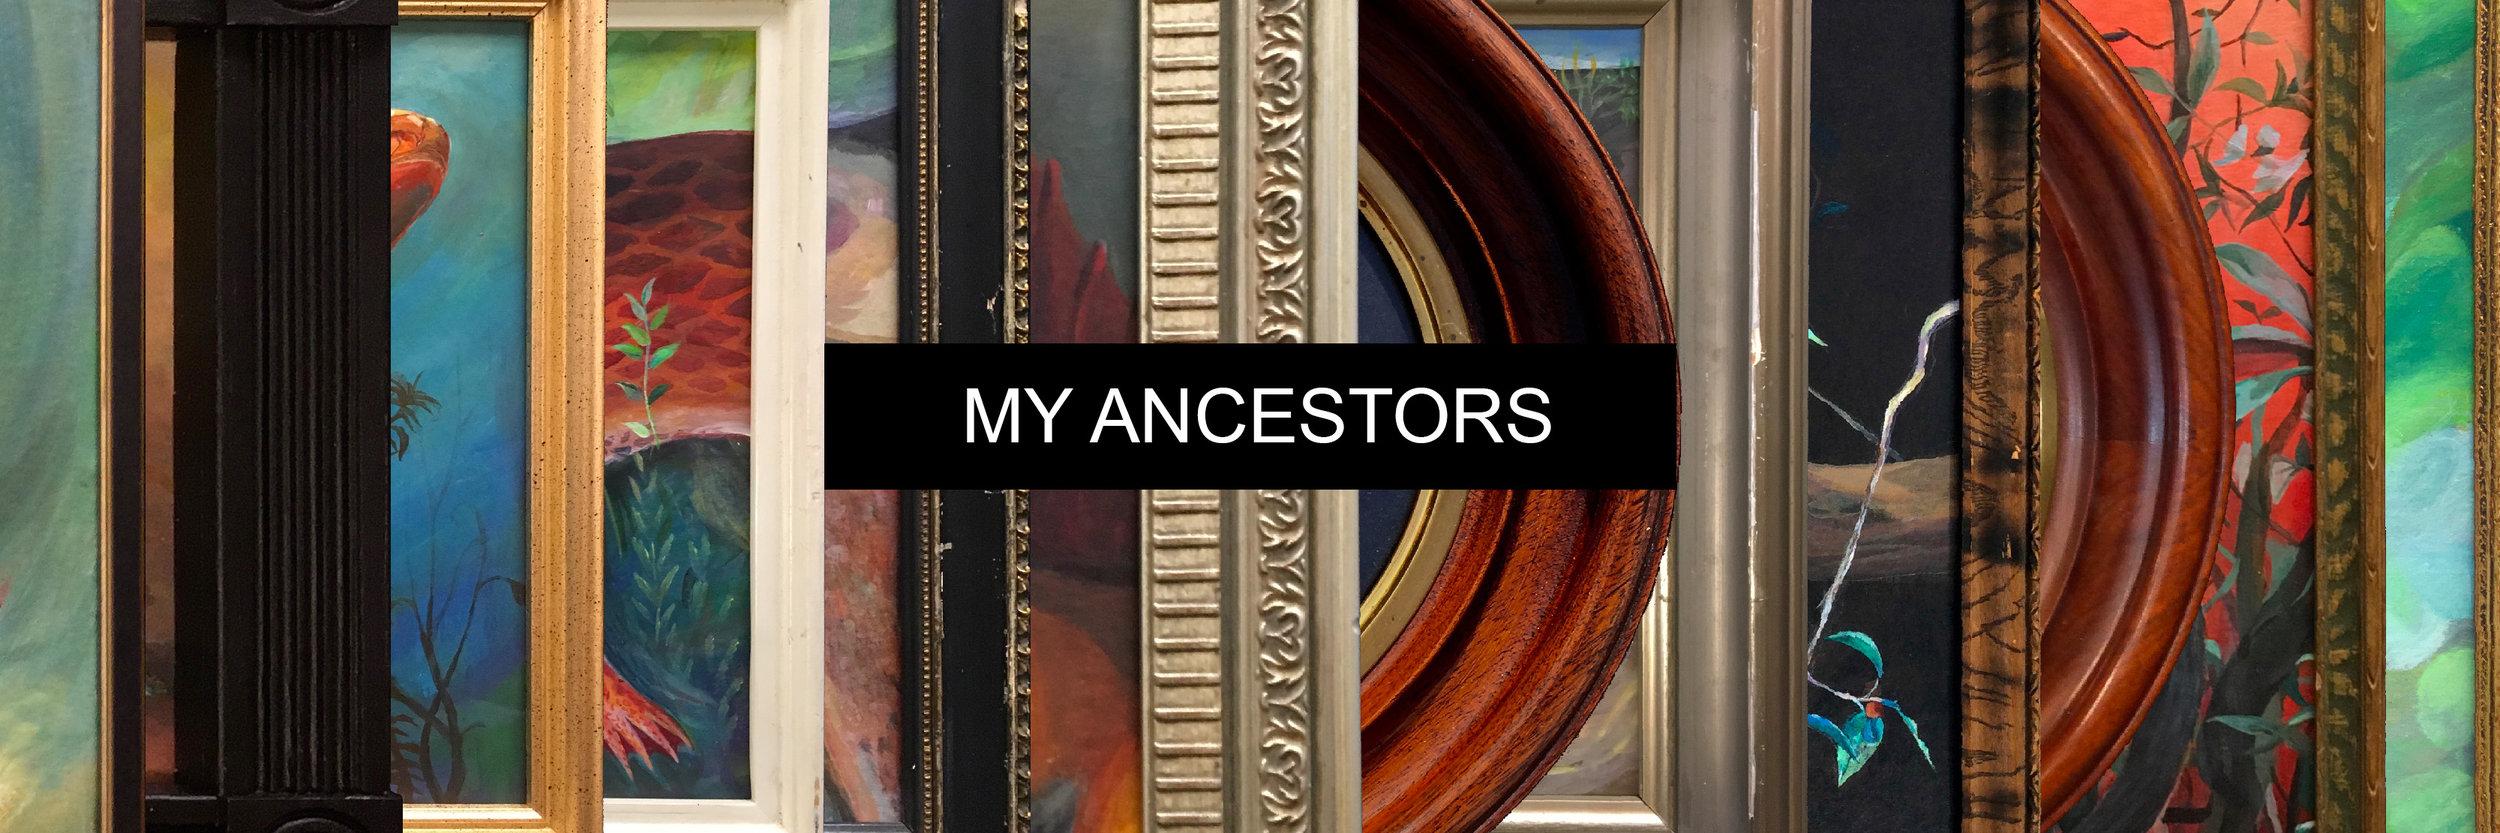 ancestorsgallery.jpg